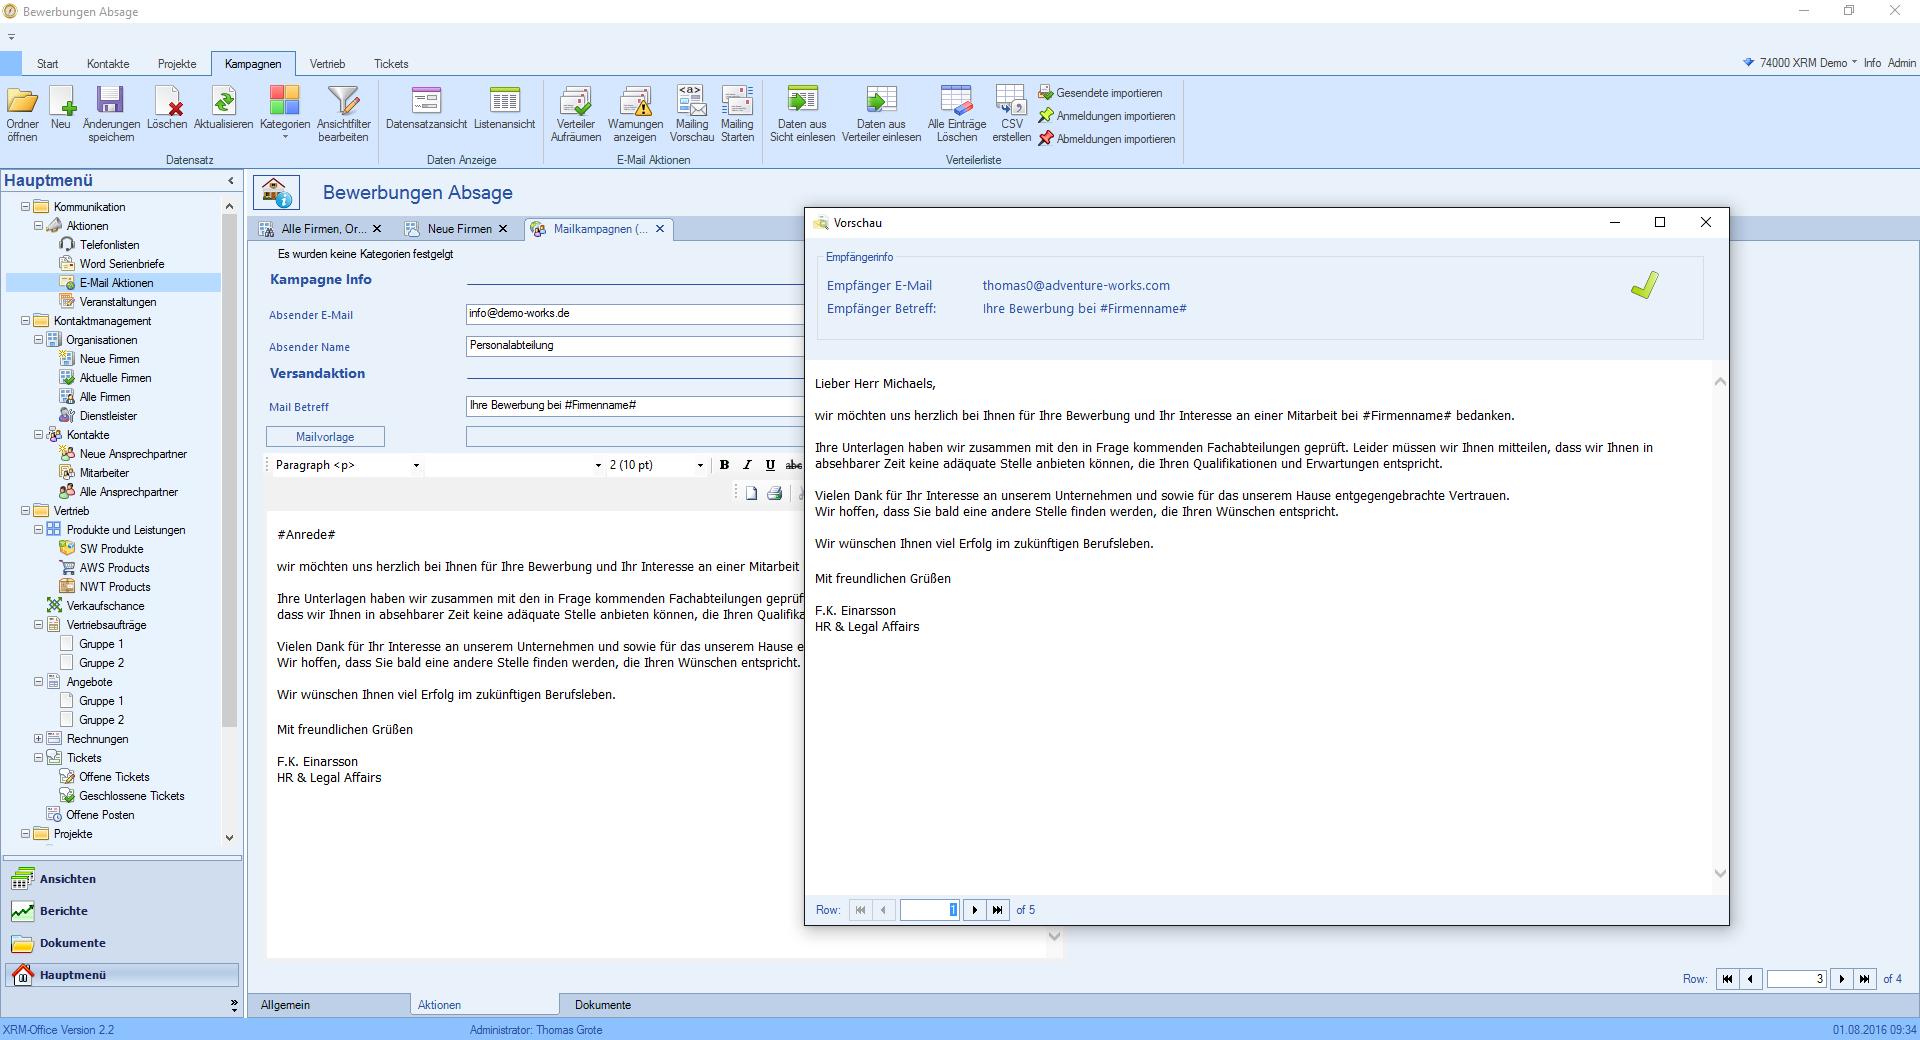 Niedlich Bewerbungsvorlage F R E Mails Senden Fotos - Beispiel ...